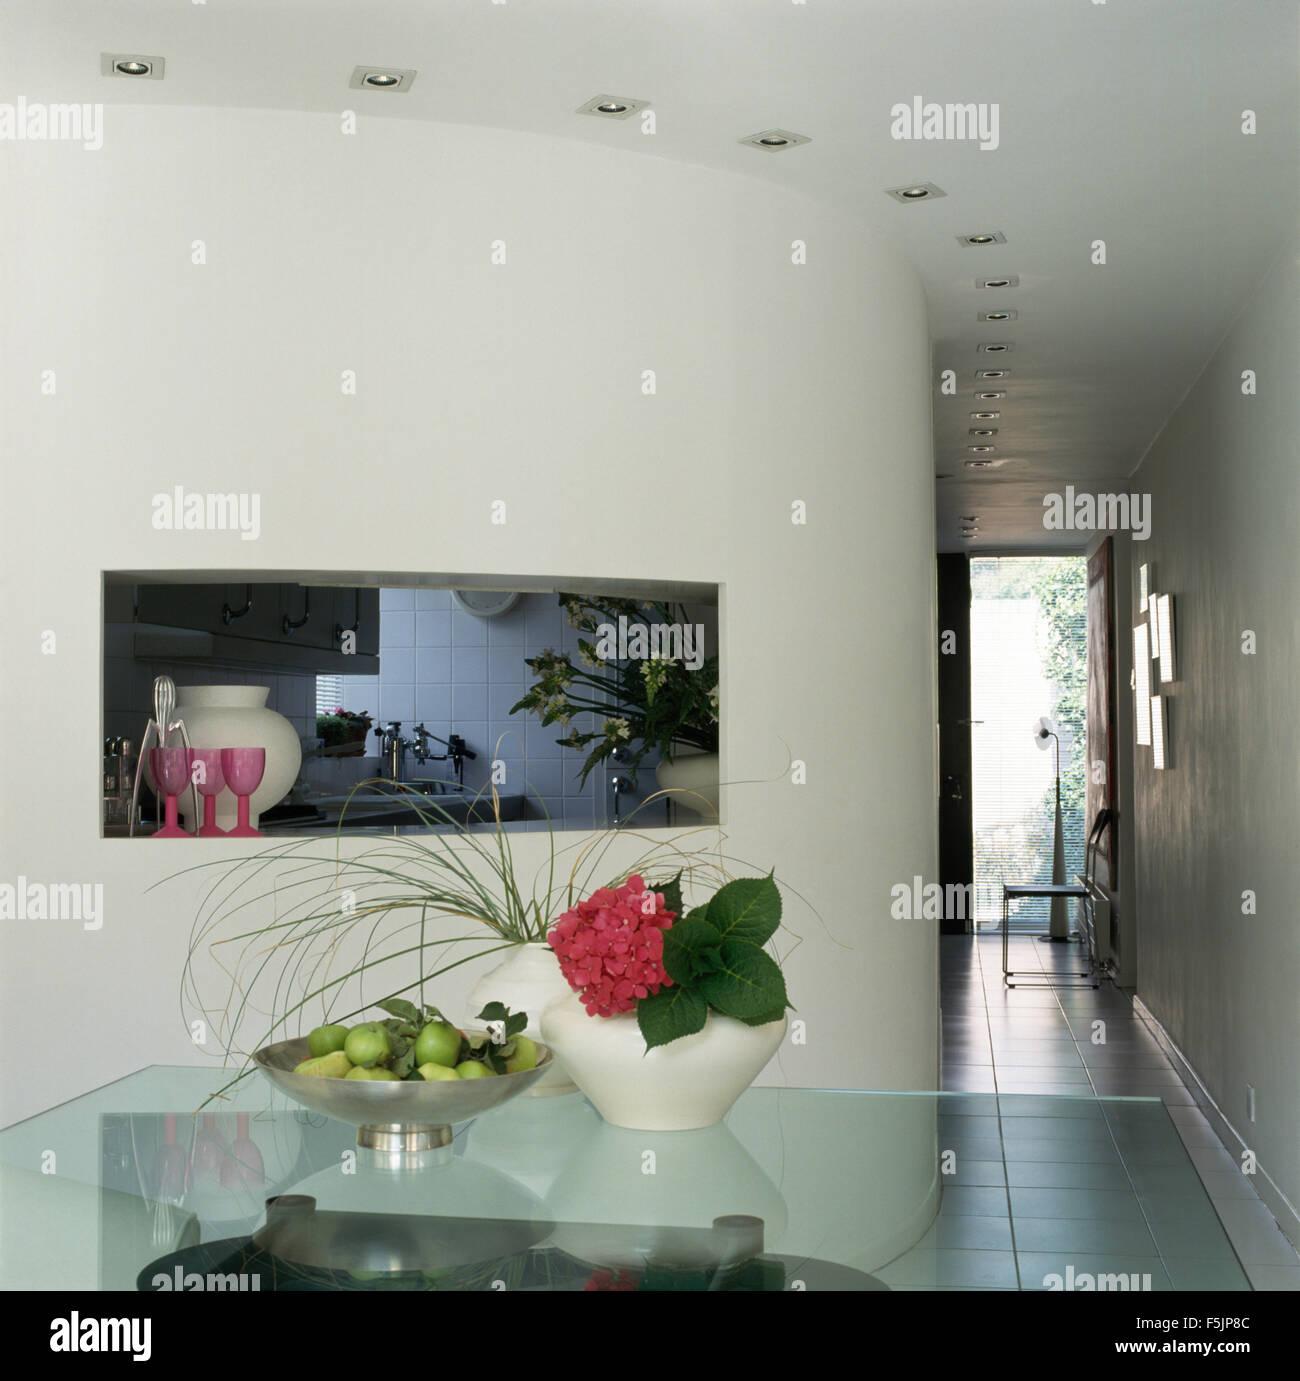 Stile giapponese composizioni floreali su un ripiano in vetro nella ...